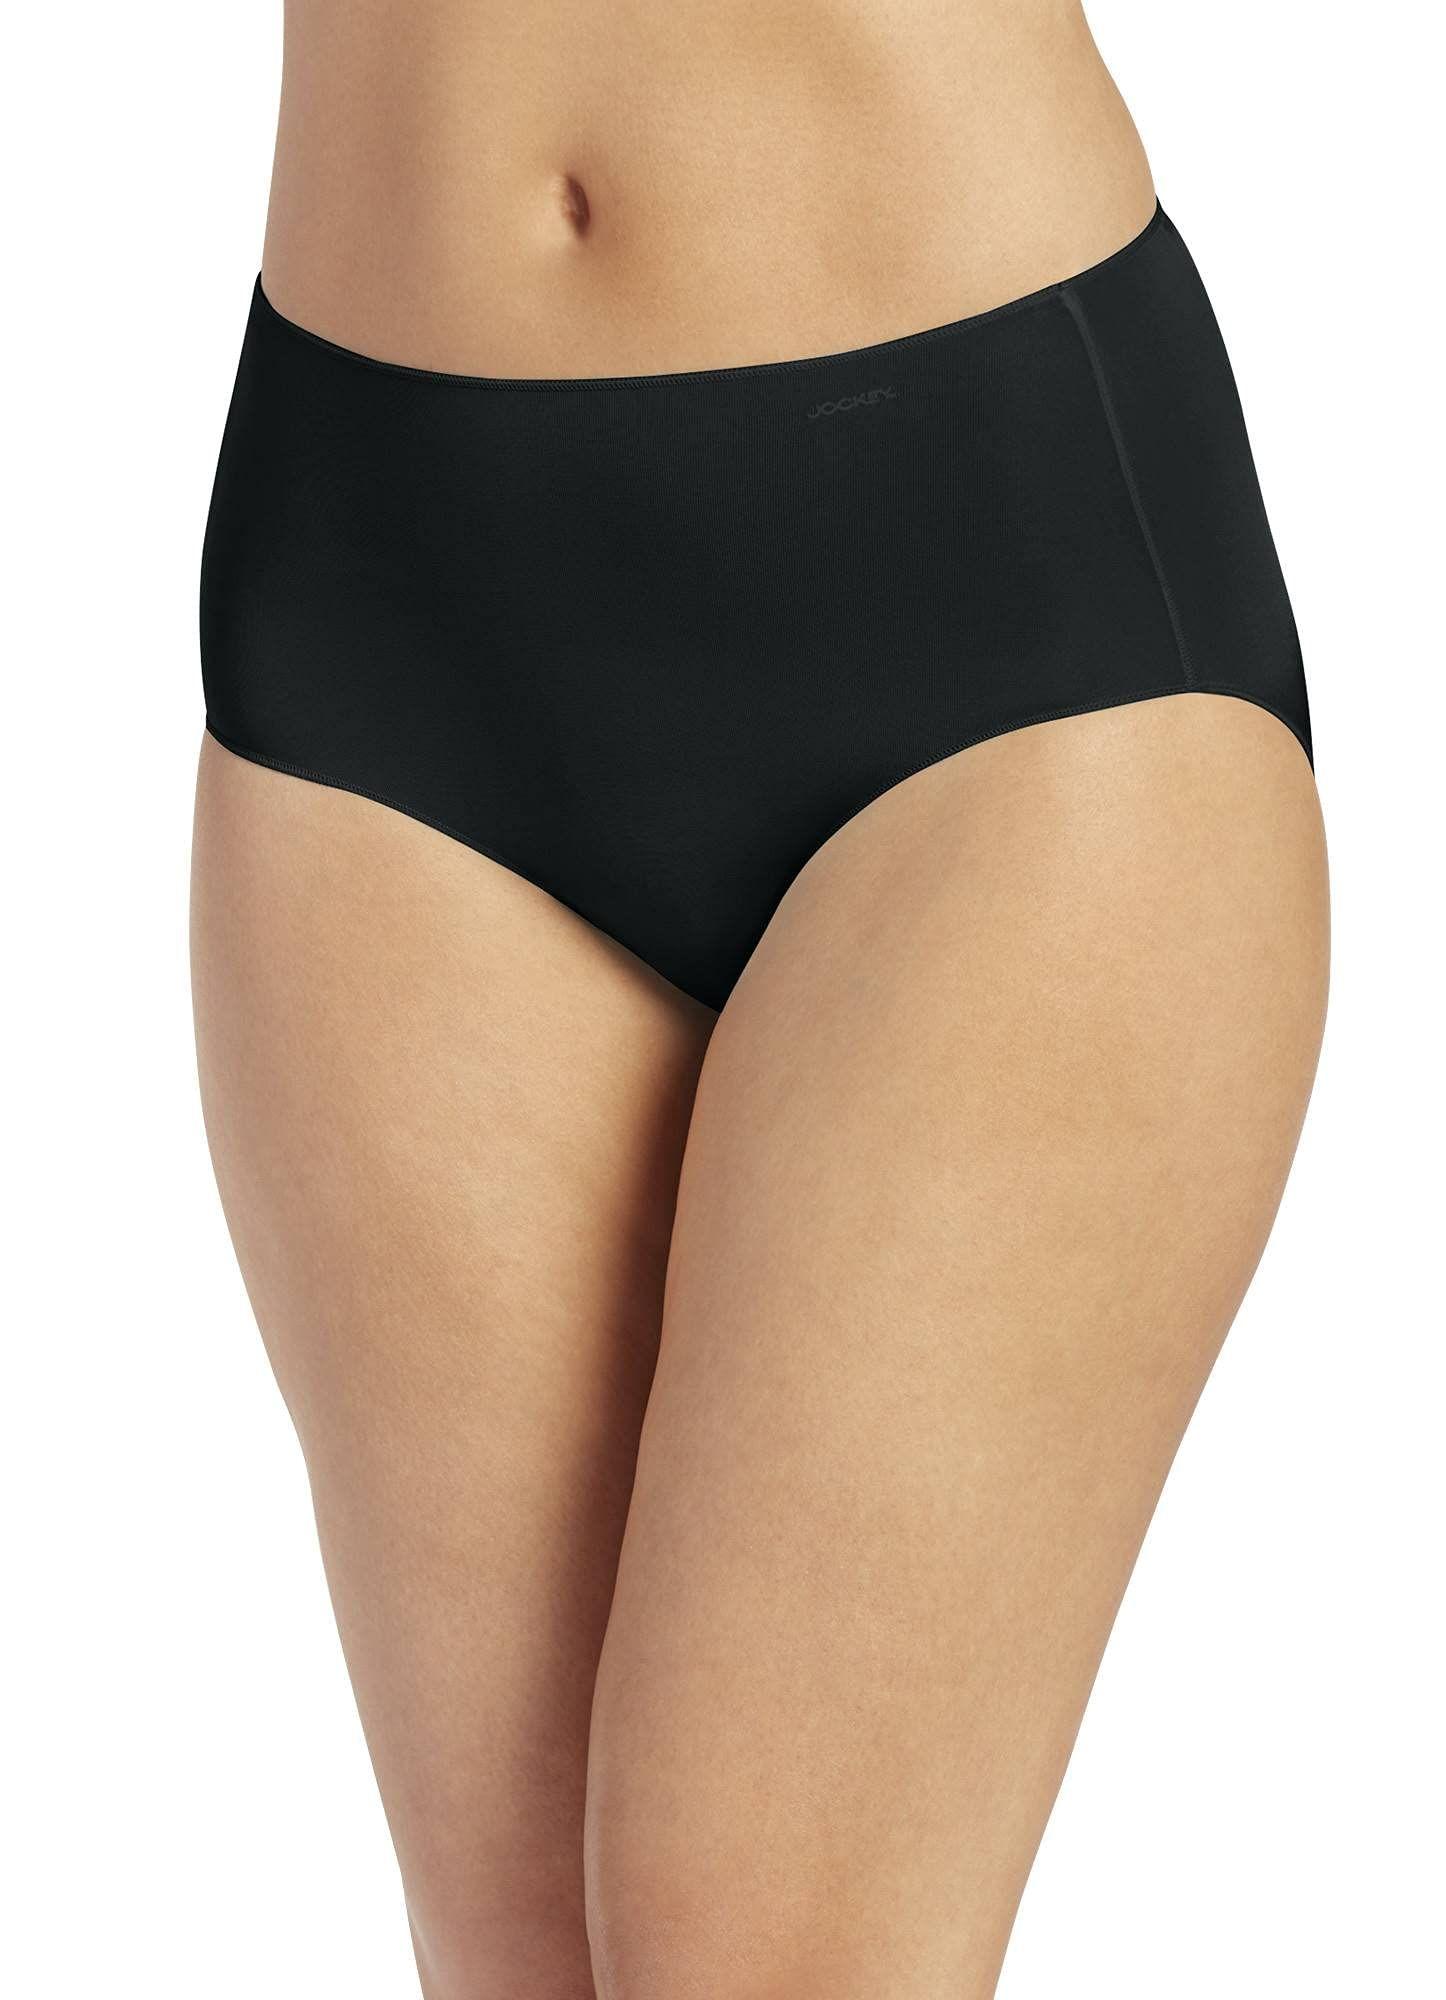 best no show underwear 272300 1628364669370